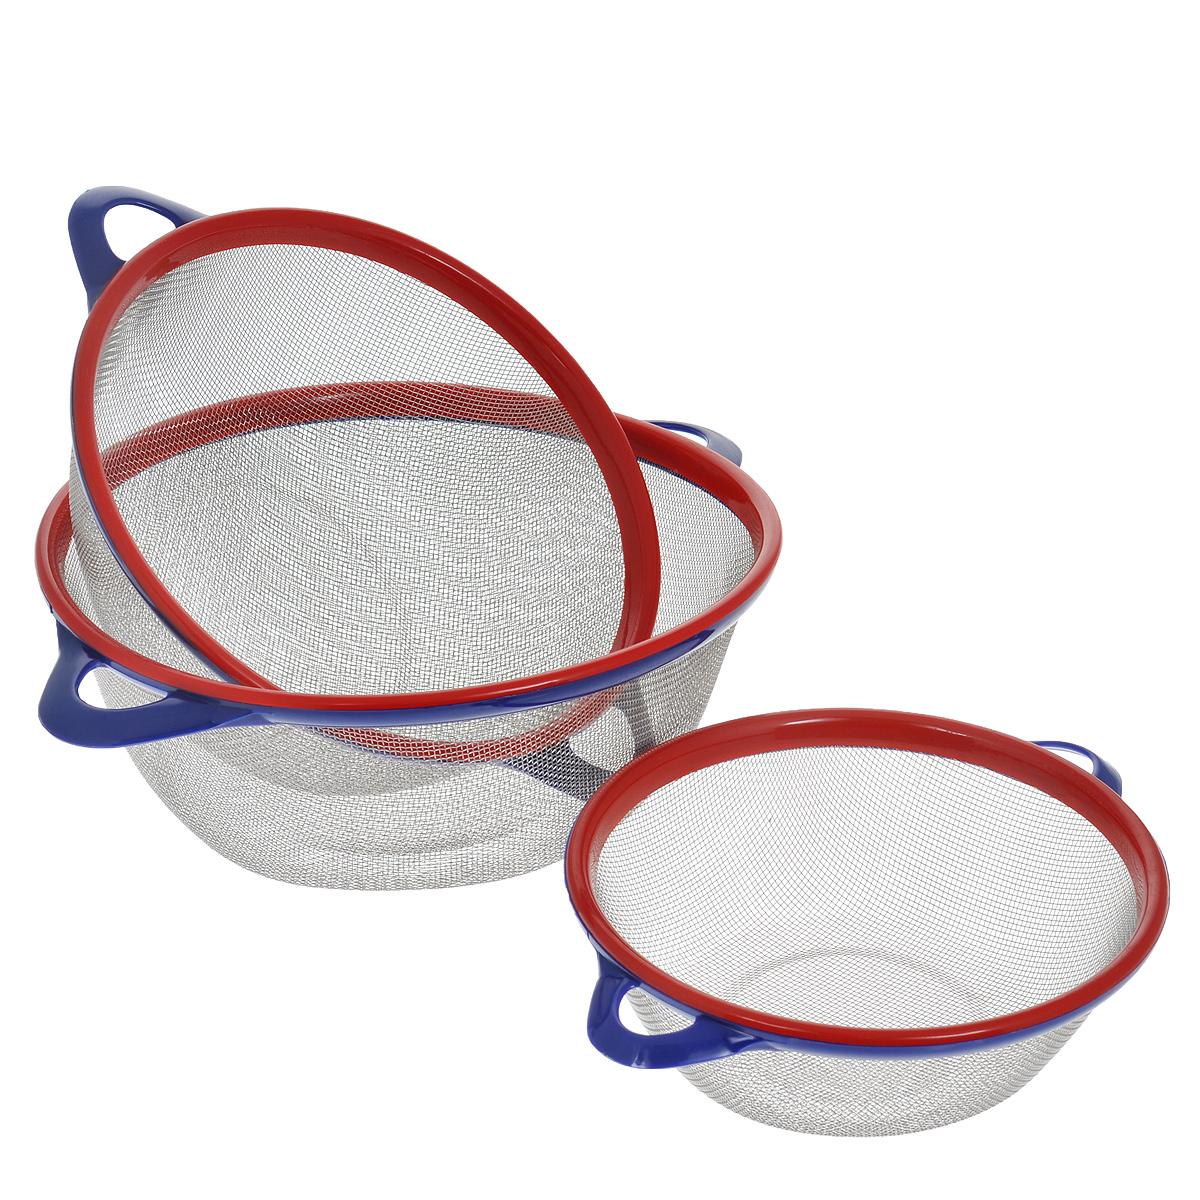 Сито Bekker, цвет: красный, синий, 3 шт. BK-9224BK-9224В набор Bekker входит 3 сита разного диаметра, выполненных из нержавеющей стали. Сито станет незаменимымаксессуаром на вашей кухне. Предназначено для просеивания и процеживания муки, промывания круп, ягод ифруктов. Сито оснащено удобными пластиковыми ручками. Прочная стальная сетка обеспечивает изделиюизносостойкость и долговечность.Подходит для чистки в посудомоечной машине. Диаметр изделий: 26 см, 22,5 см, 20см. Высота изделий: 10 см, 9 см, 6,5 см. Ширина изделий (с учетом ручек): 32,5 см, 29 см, 25 см.